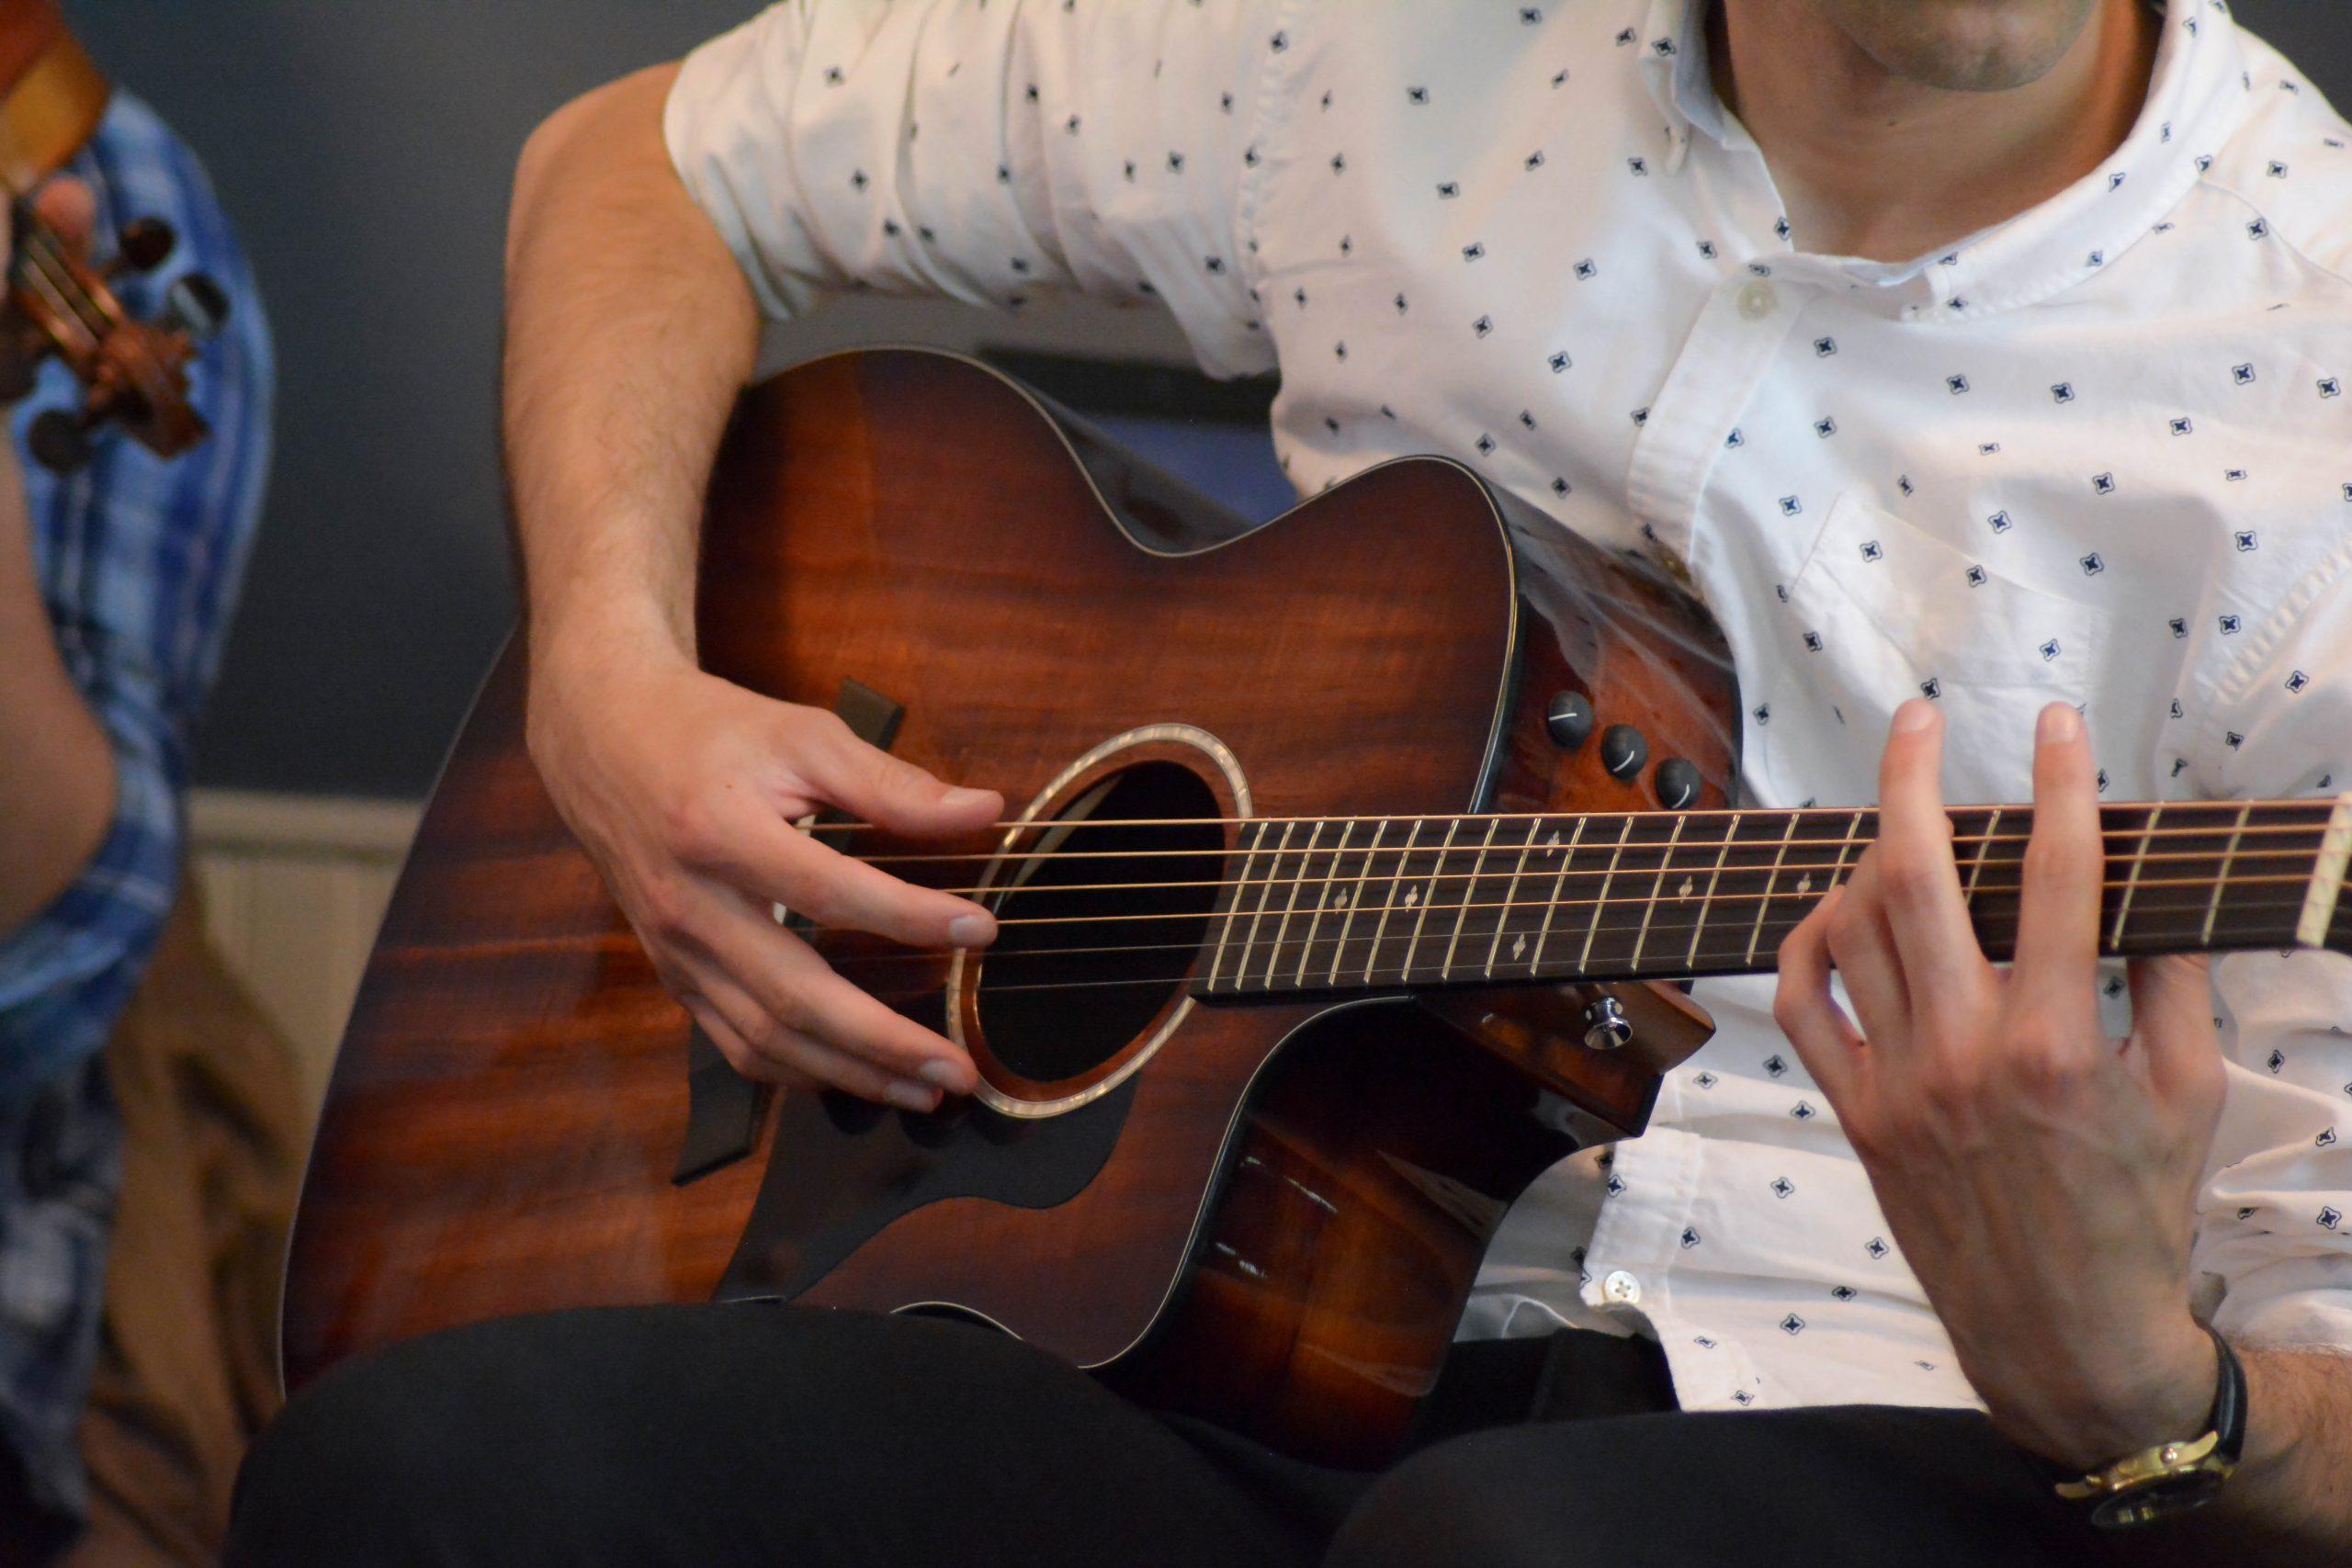 guitare et guitariste